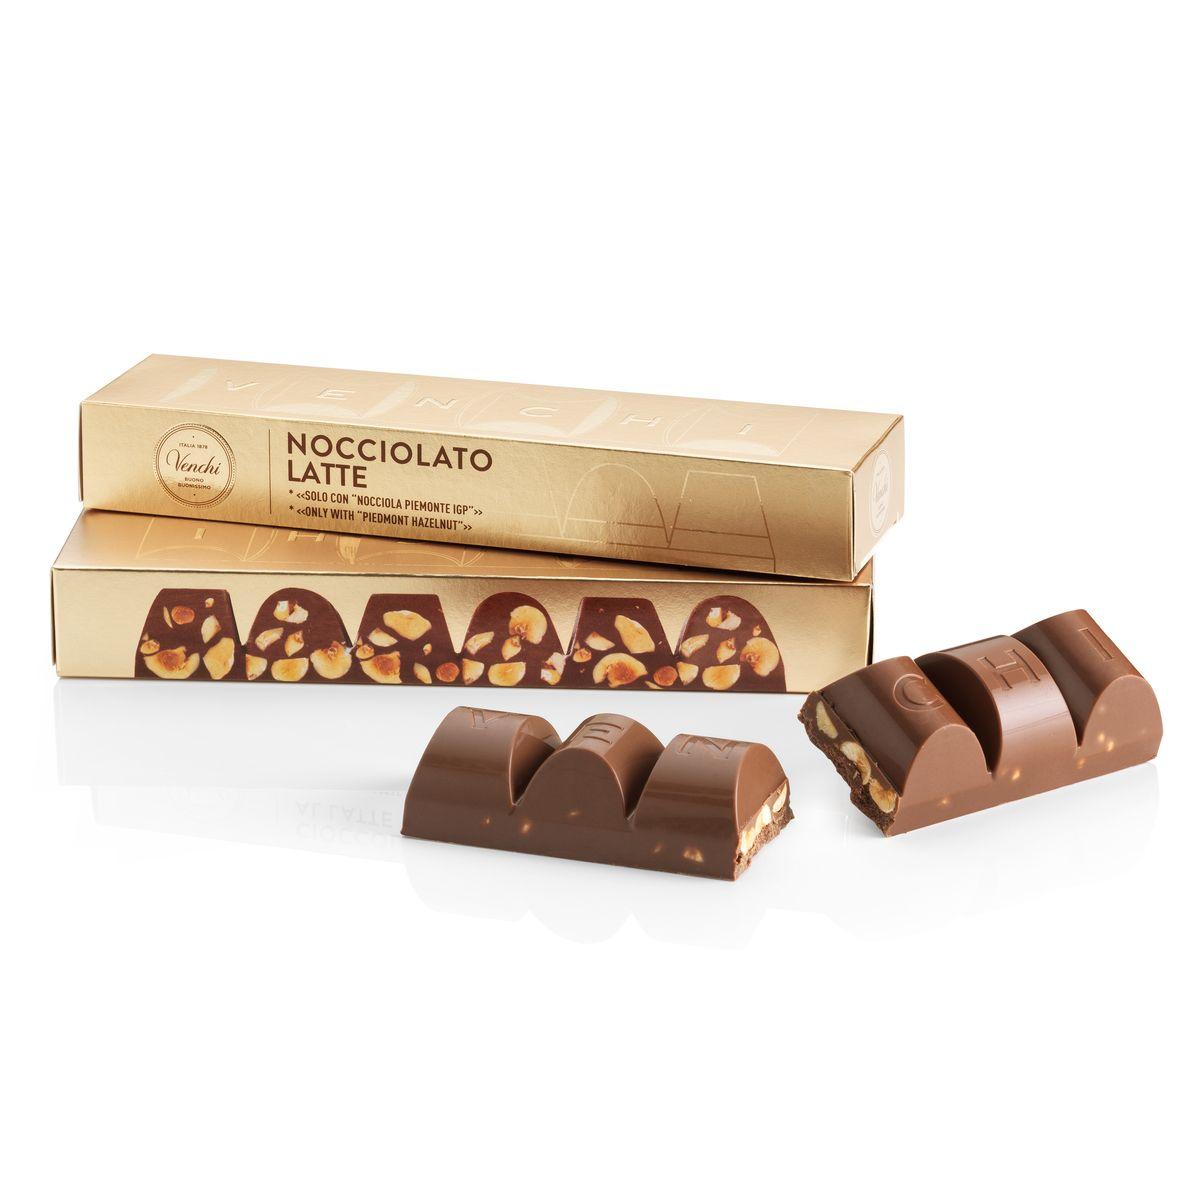 Bloc de chocolat au lait avec noisettes du Piémont - Venchi